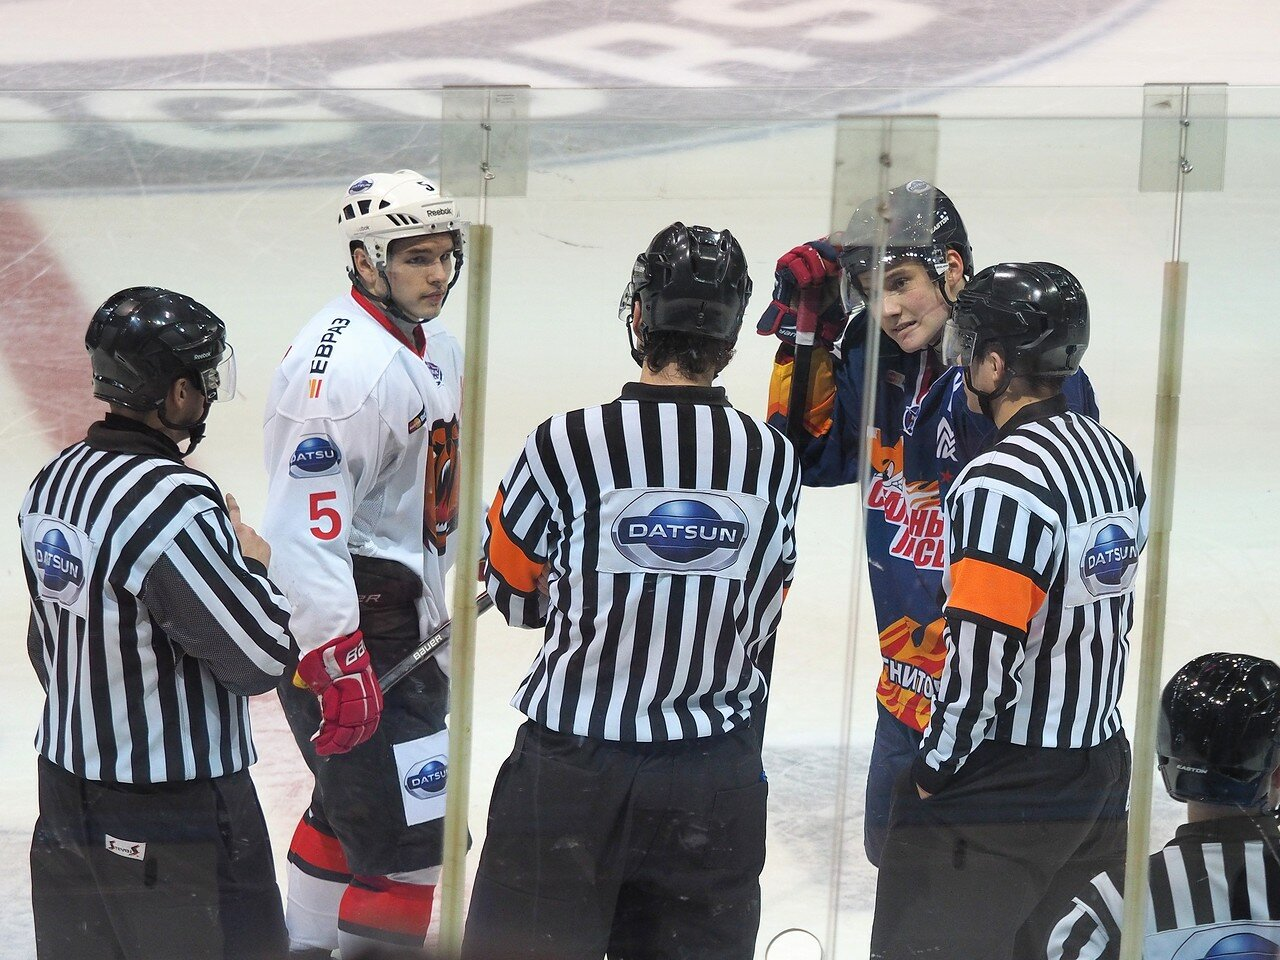 561/8 Плей-офф 2016 МХЛ Стальные Лисы - Кузнецкие Медведи 09.03.2016